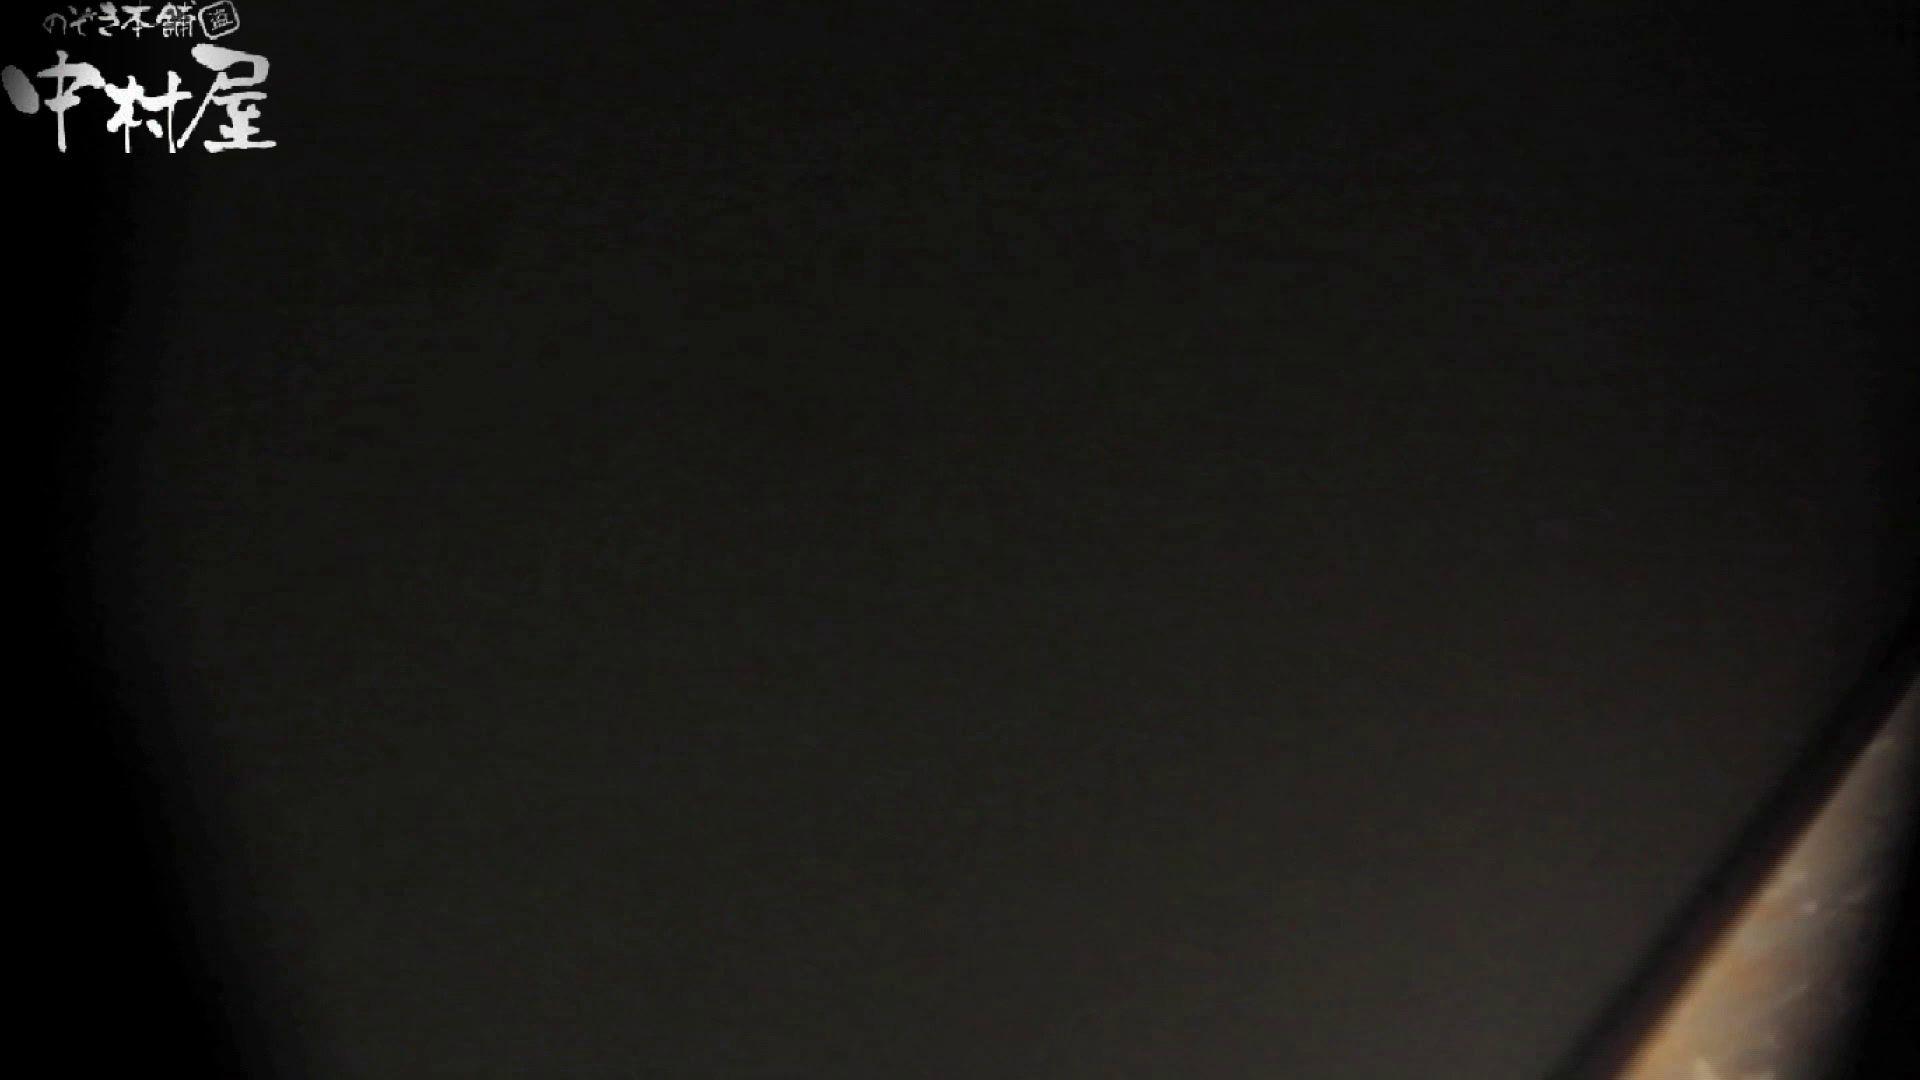 世界の射窓から vol.43 ソーニュー 前編 洗面所編 | 0  105PIX 29